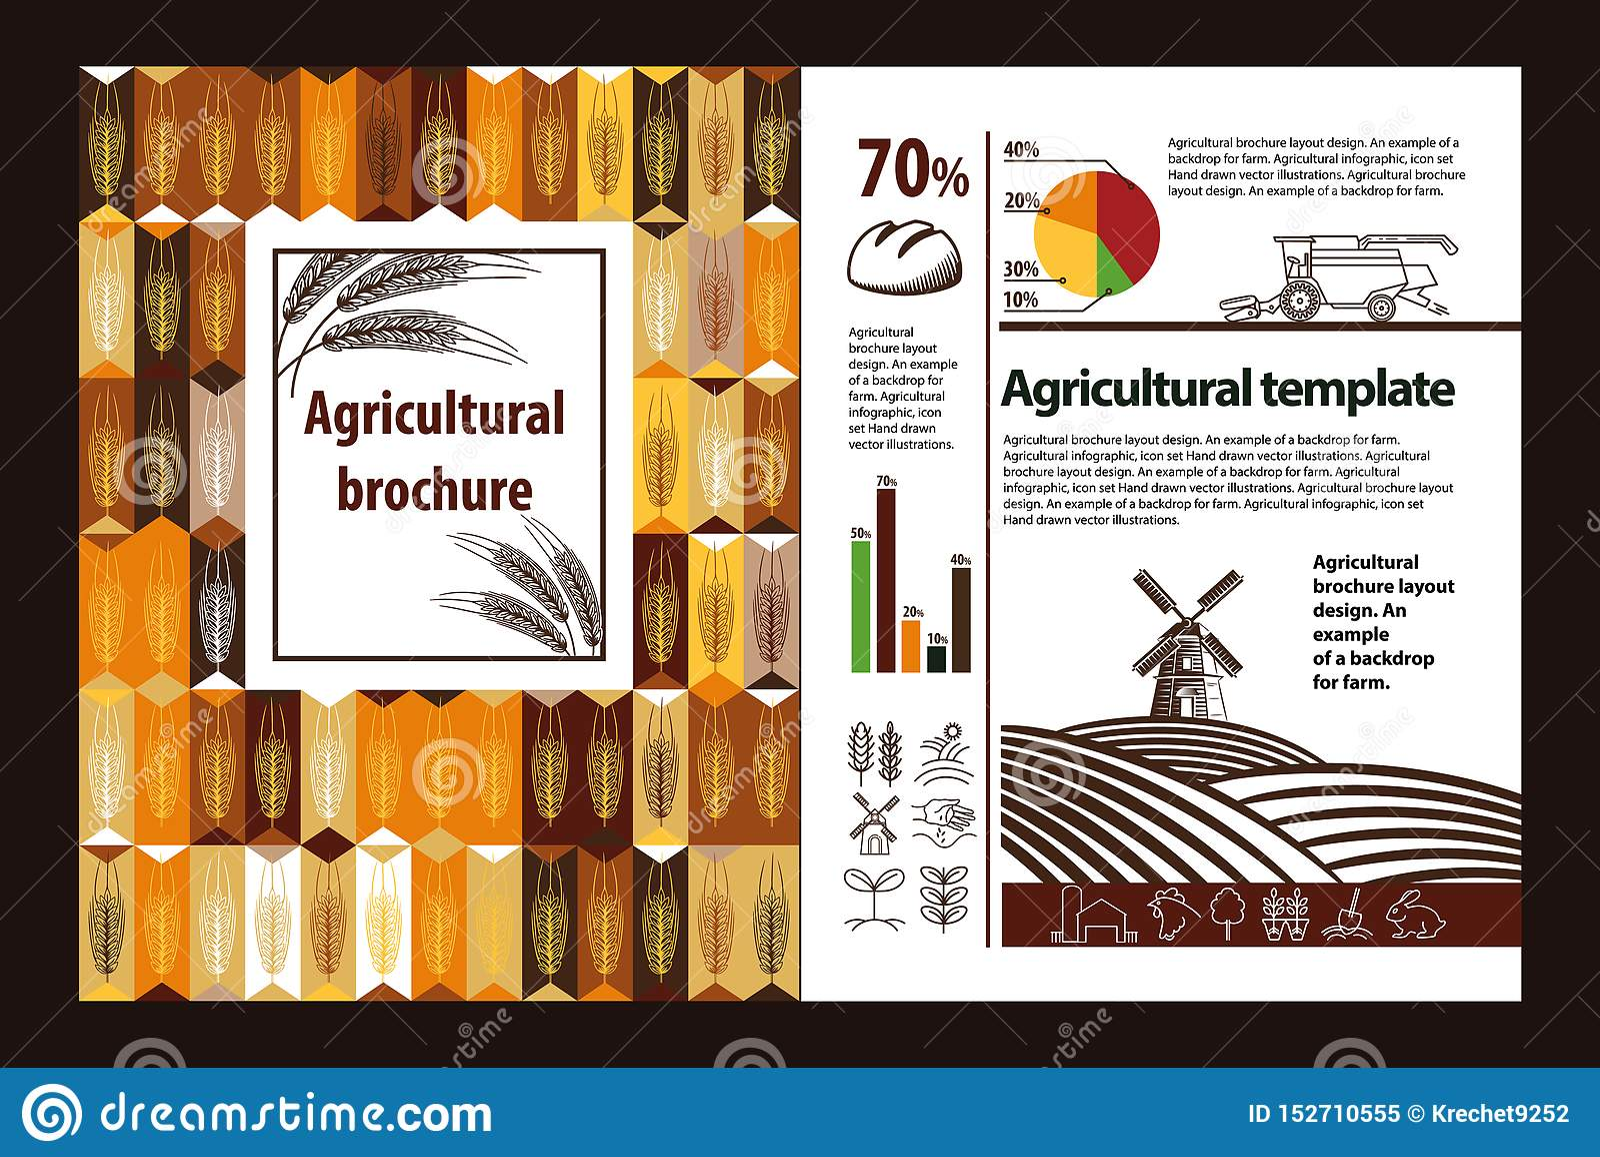 Diseño agrícola de la disposición del folleto Un ejemplo de un contexto para la granja Infographic agrícola, sistema del logotipo